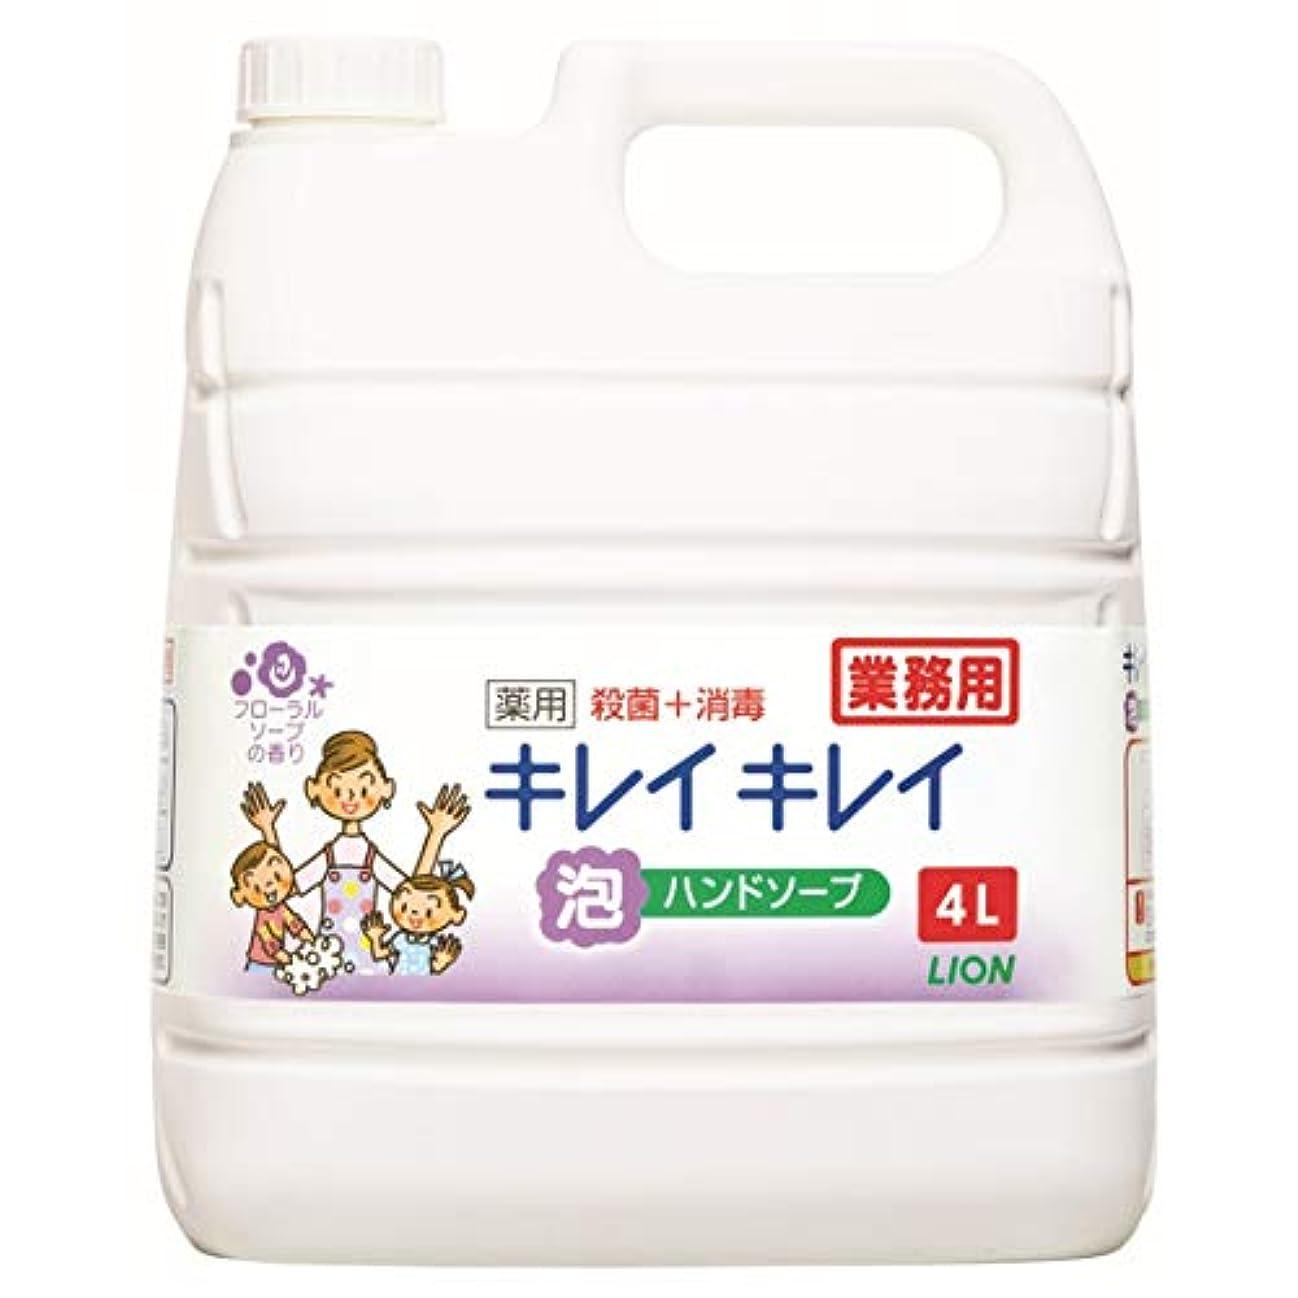 製品航空機読む【業務用 大容量】キレイキレイ 薬用 泡ハンドソープフローラルソープの香り 4L(医薬部外品)